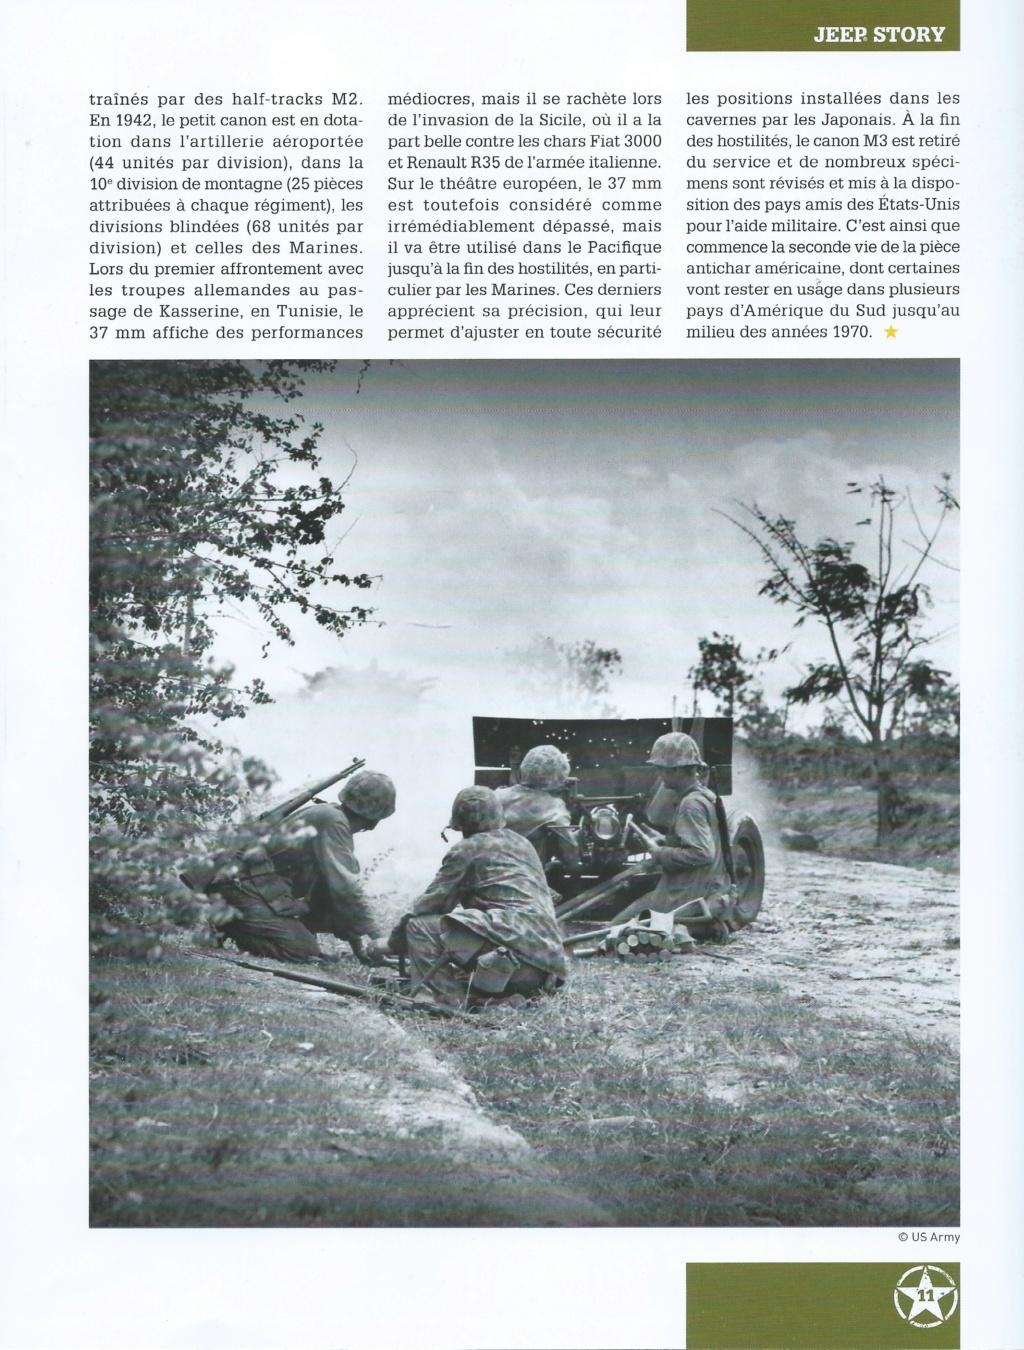 Jeep Willis Hachette au 1/8 [Partie II] - Page 3 Articl21